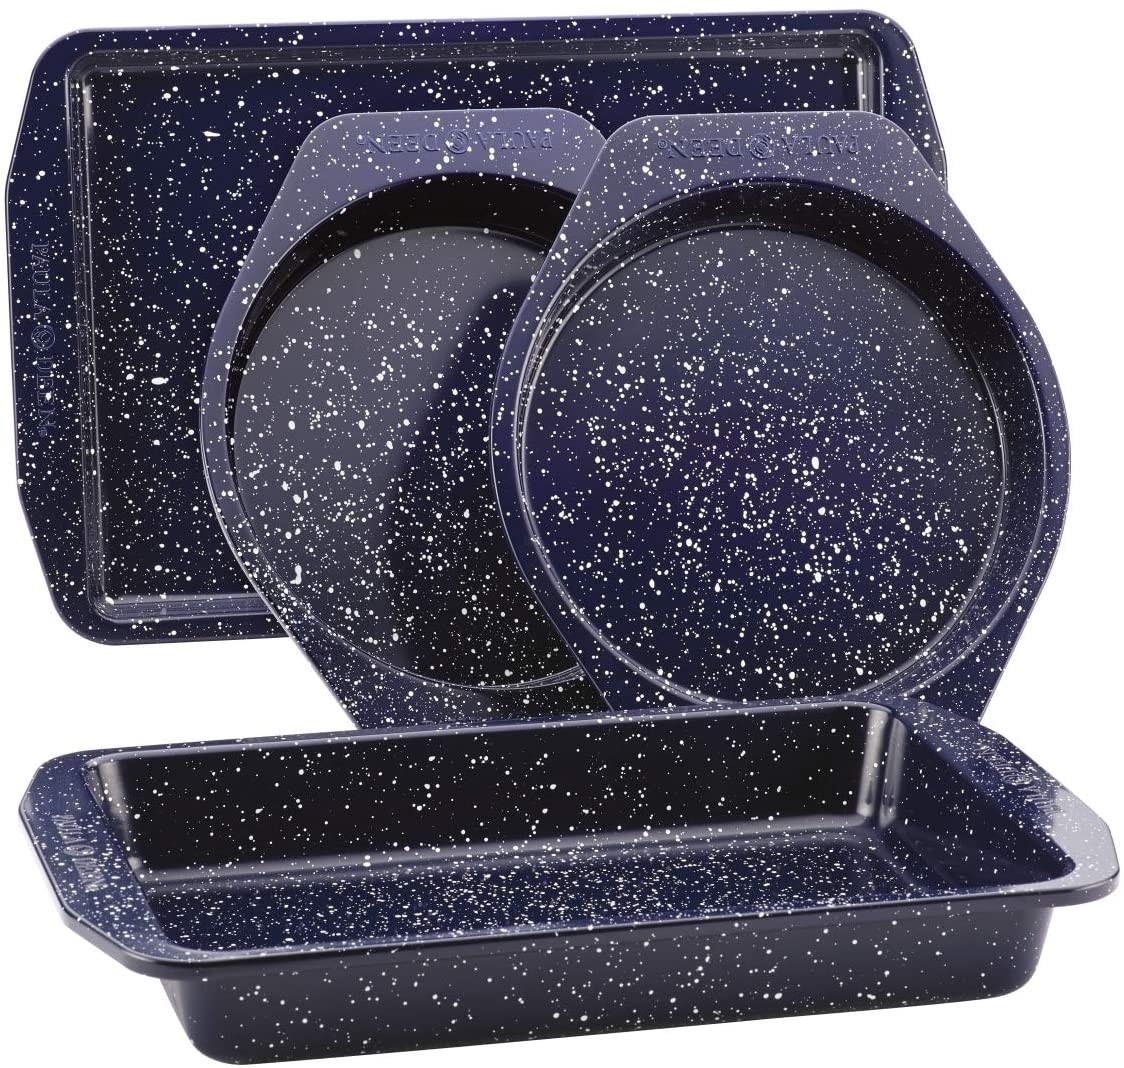 Paula Deen 46812 Nonstick Speckled Bakeware Set44; Deep Sea Blue Speckle - 4 Piece